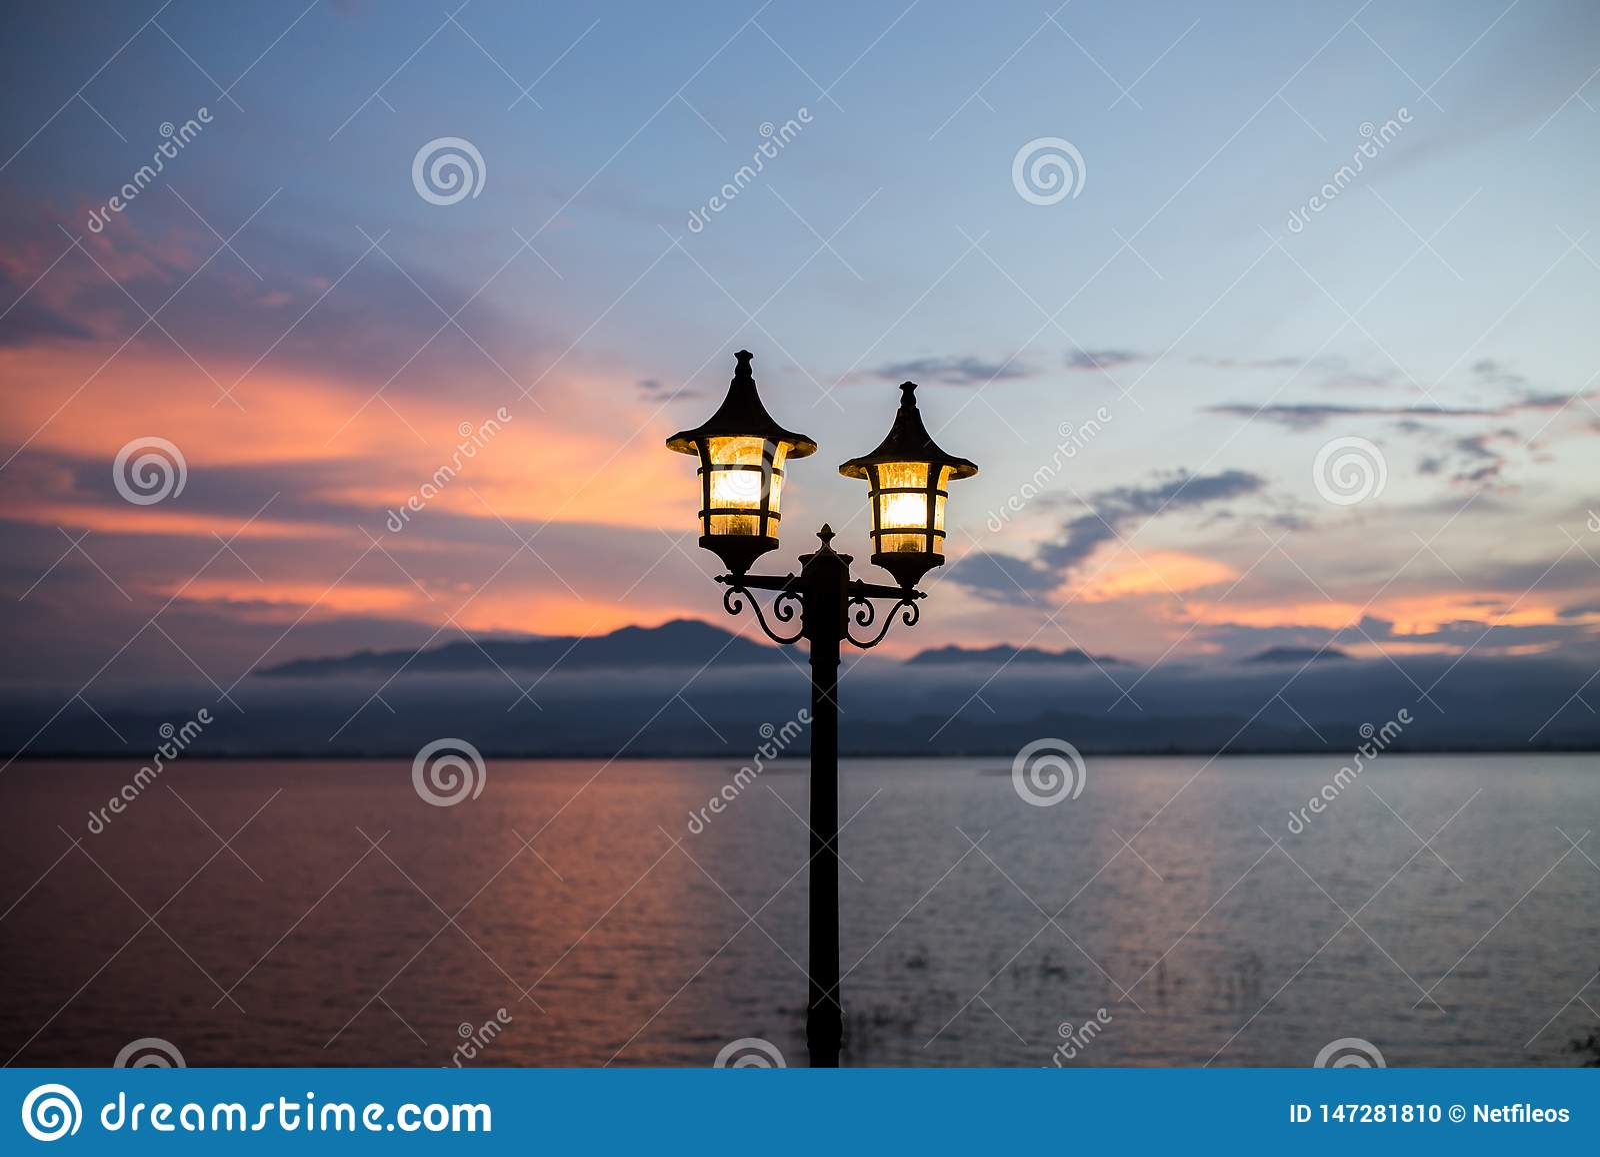 Lanterna leve no fundo da montanha e na escuridão crepuscular após atmosférico romântico do tempo do por do sol